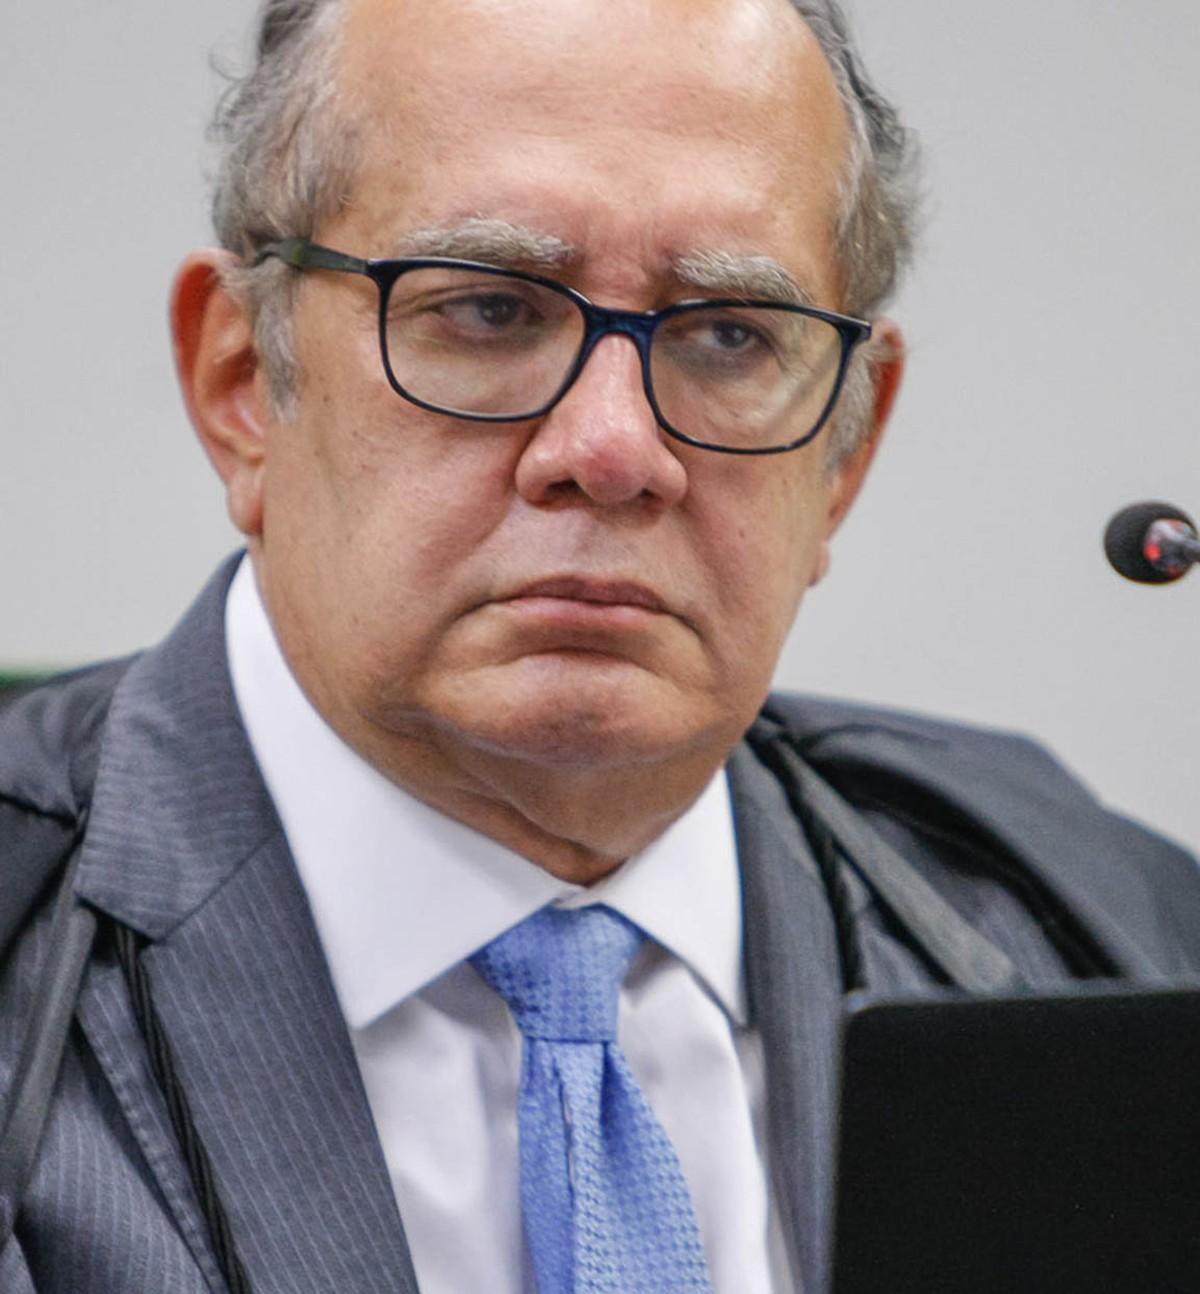 Gilmar autoriza auditor do TCU a ficar em silêncio na CPI da Covid nesta quinta-feira